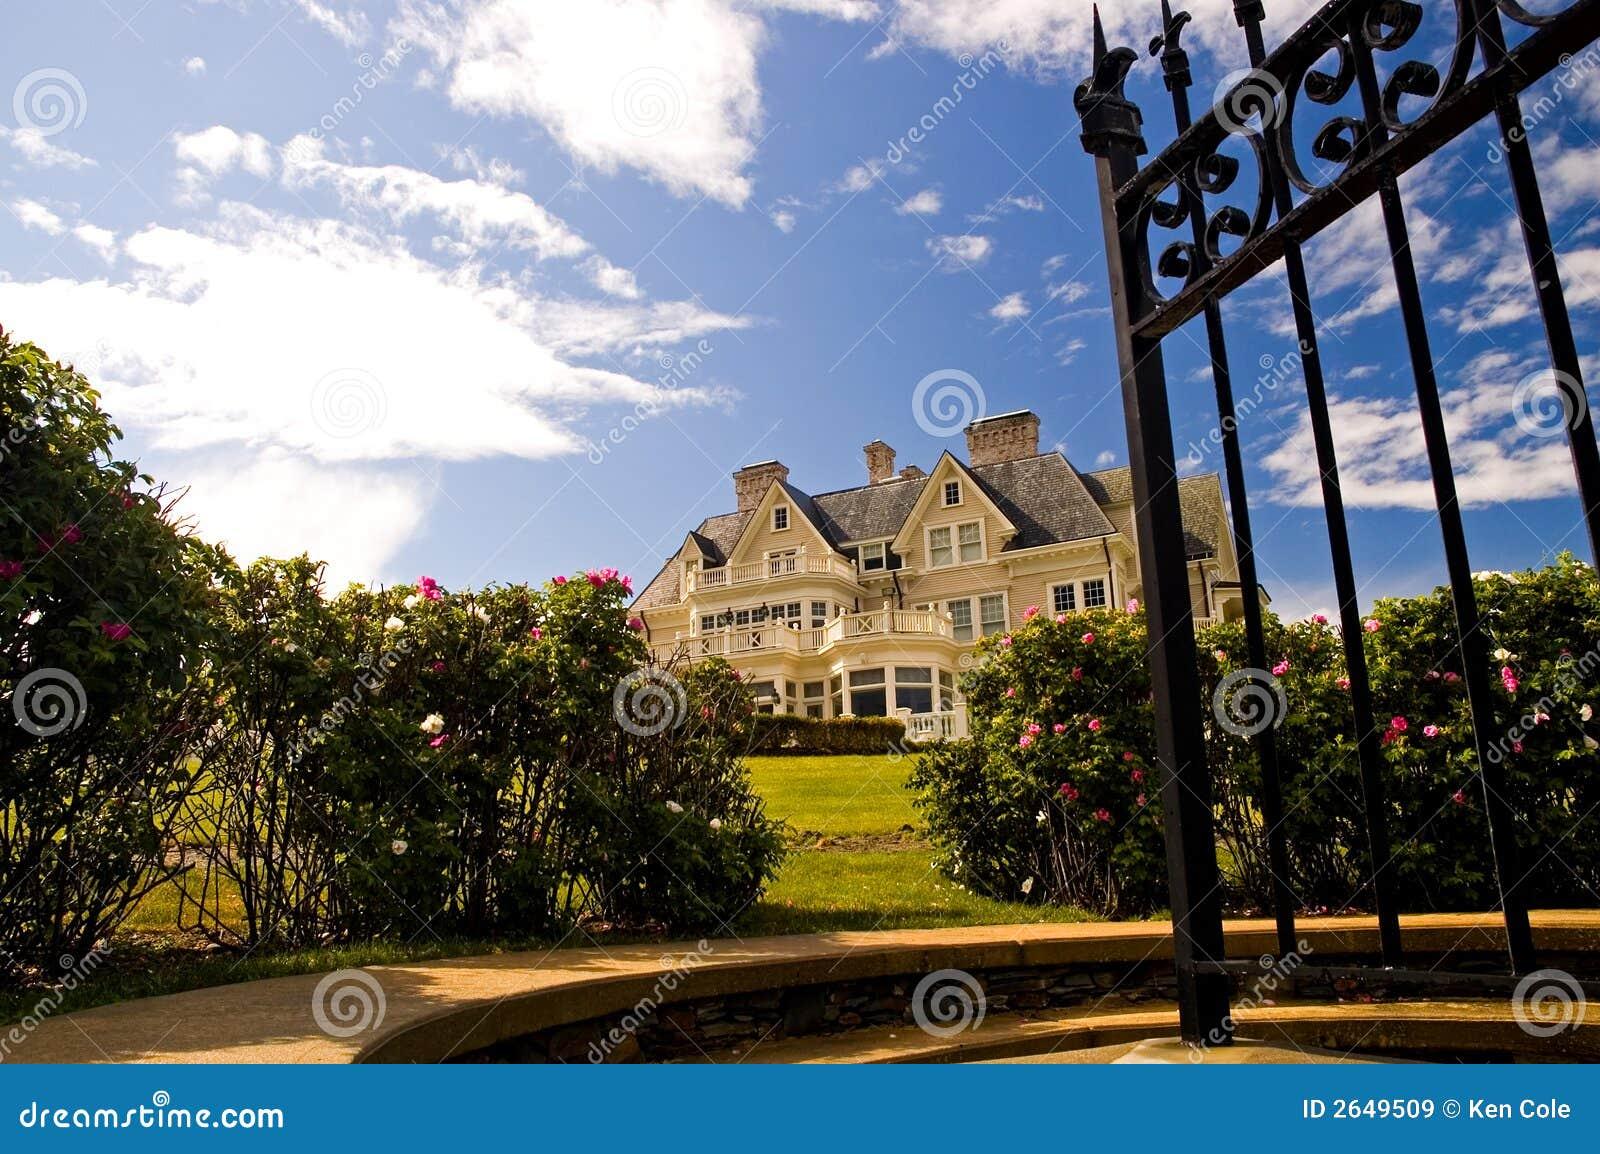 Luxury Mansion Stock Image Image Of Entrance Elite